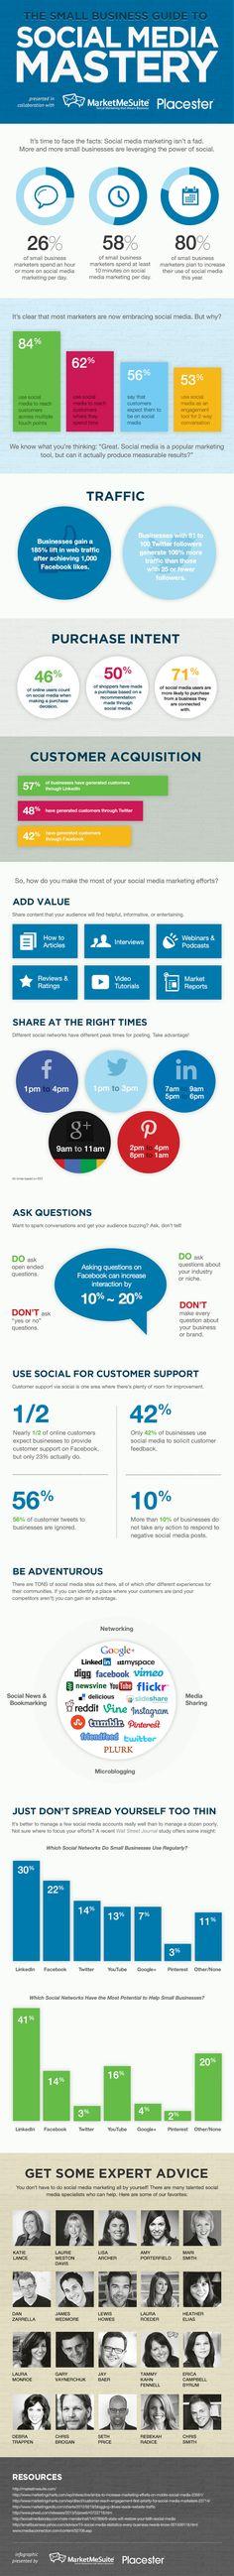 Pequeña Guía Profesional para el Dominio de los Social Media / Small Business Guide To Social Media Mastery